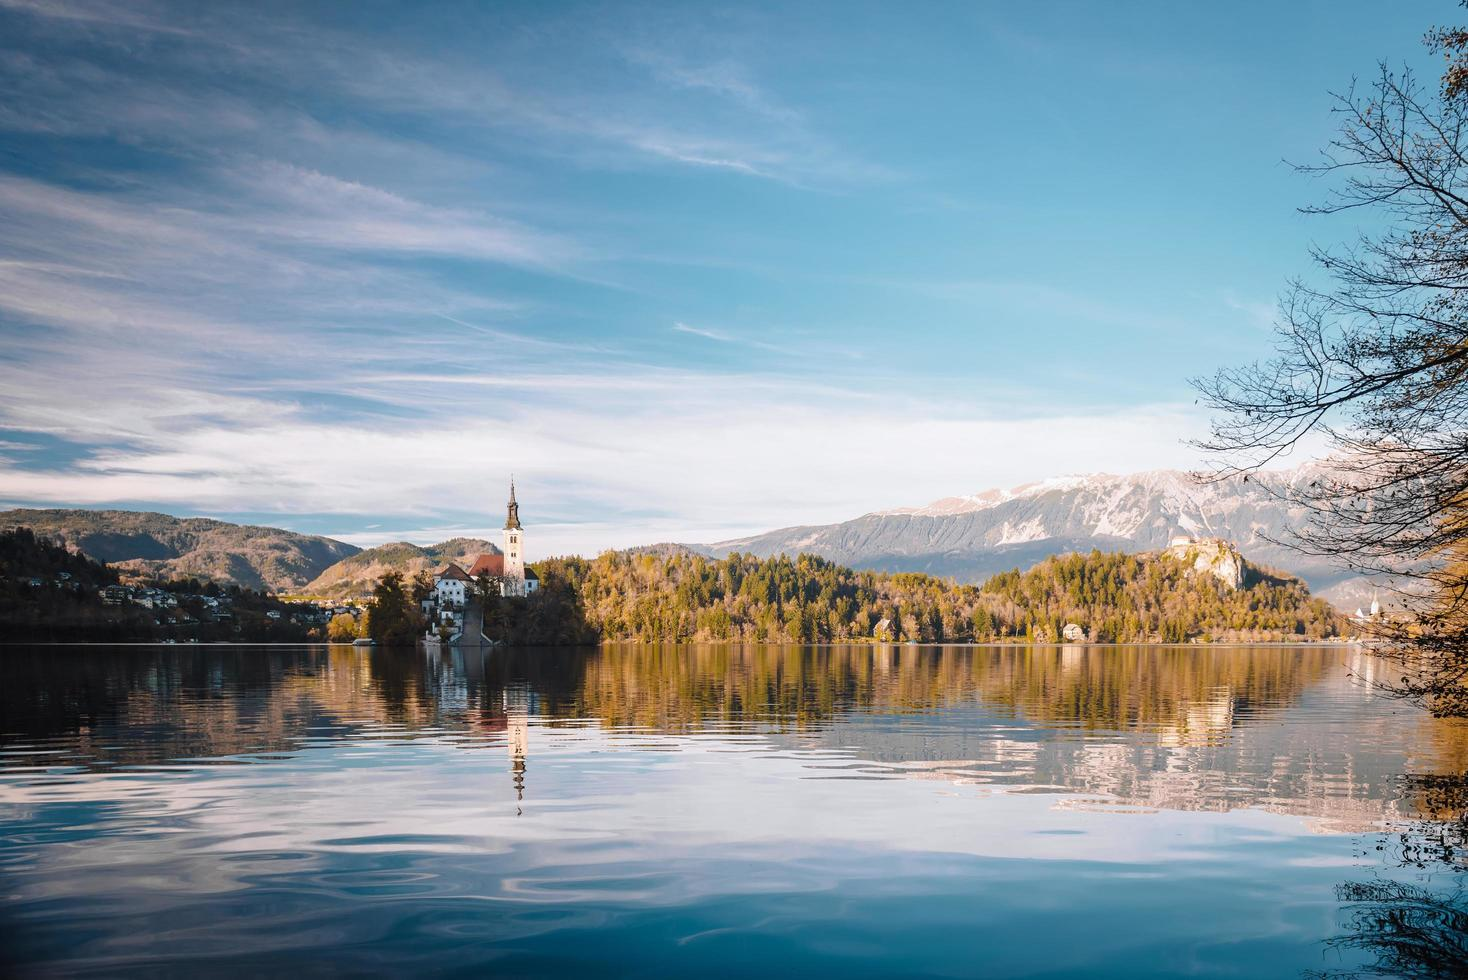 lac de saignement dans les montagnes alpines photo